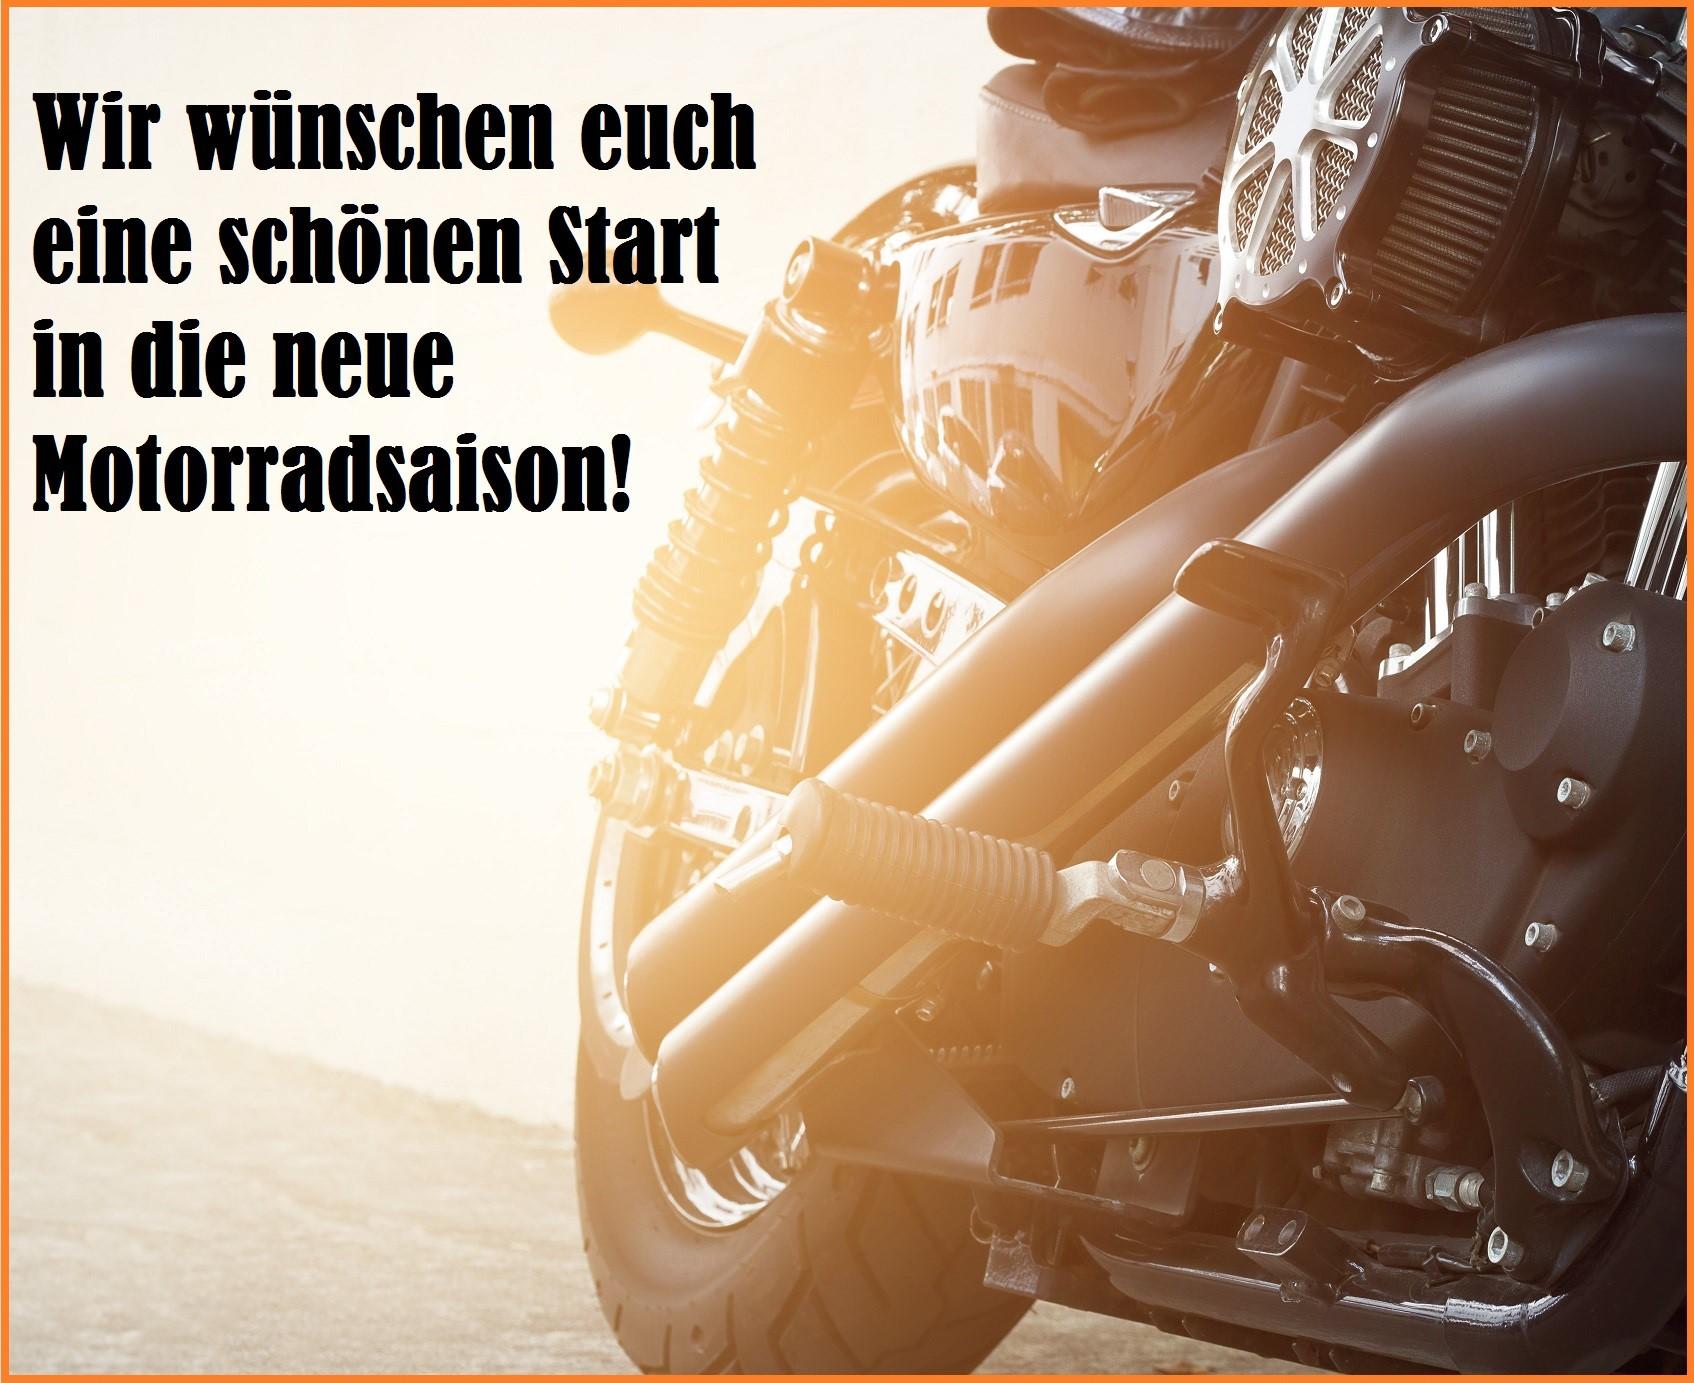 Wir wünschen euch eine schönen Start in die neue Motorradsaison!